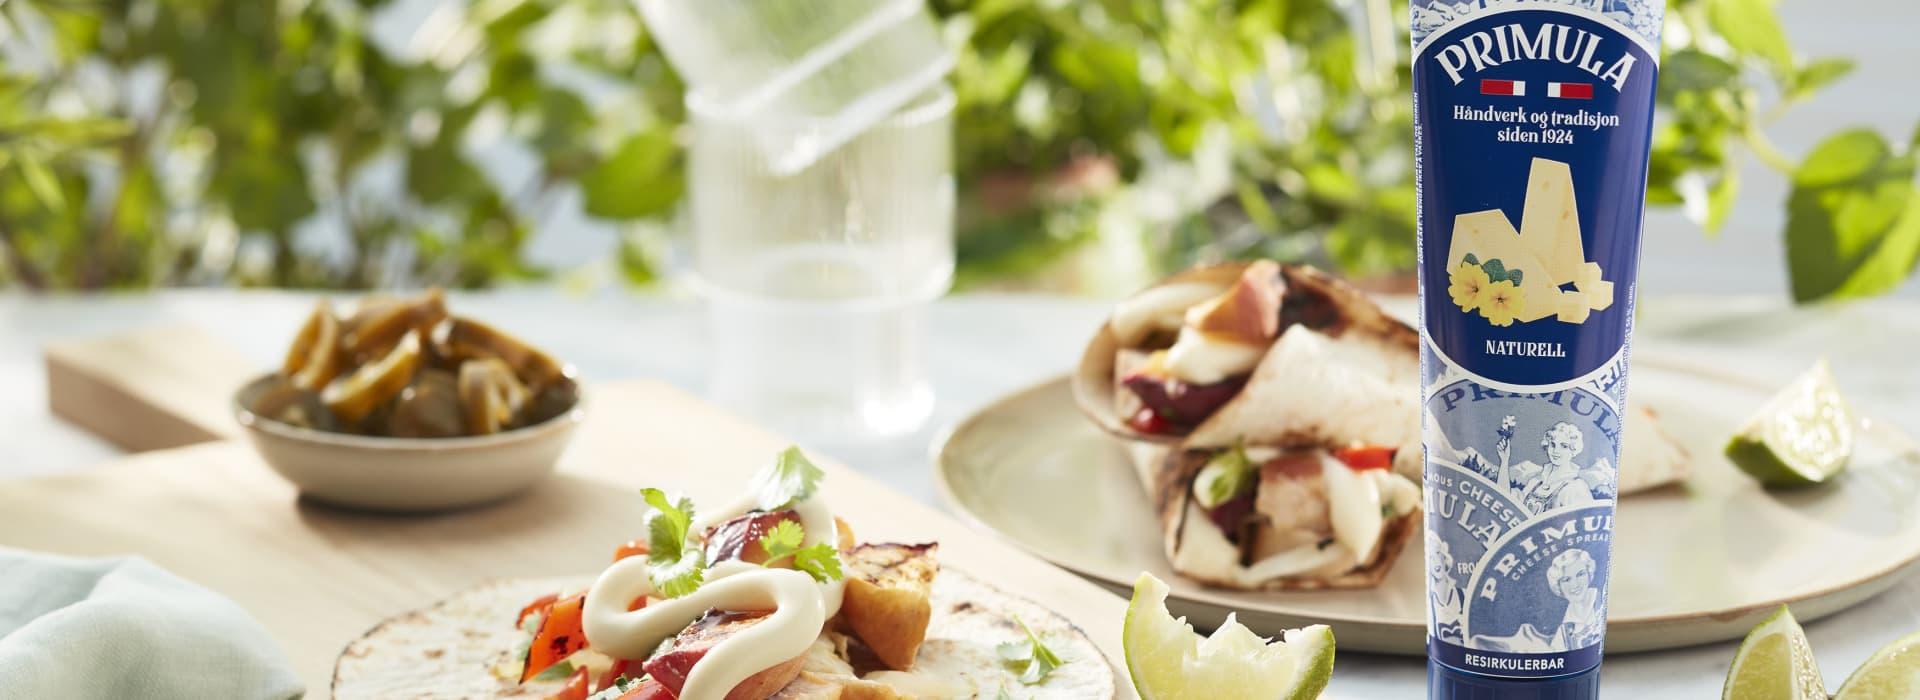 Sommerwraps med Primula og grillede grønnsaker, toppet med friske urter og lime.